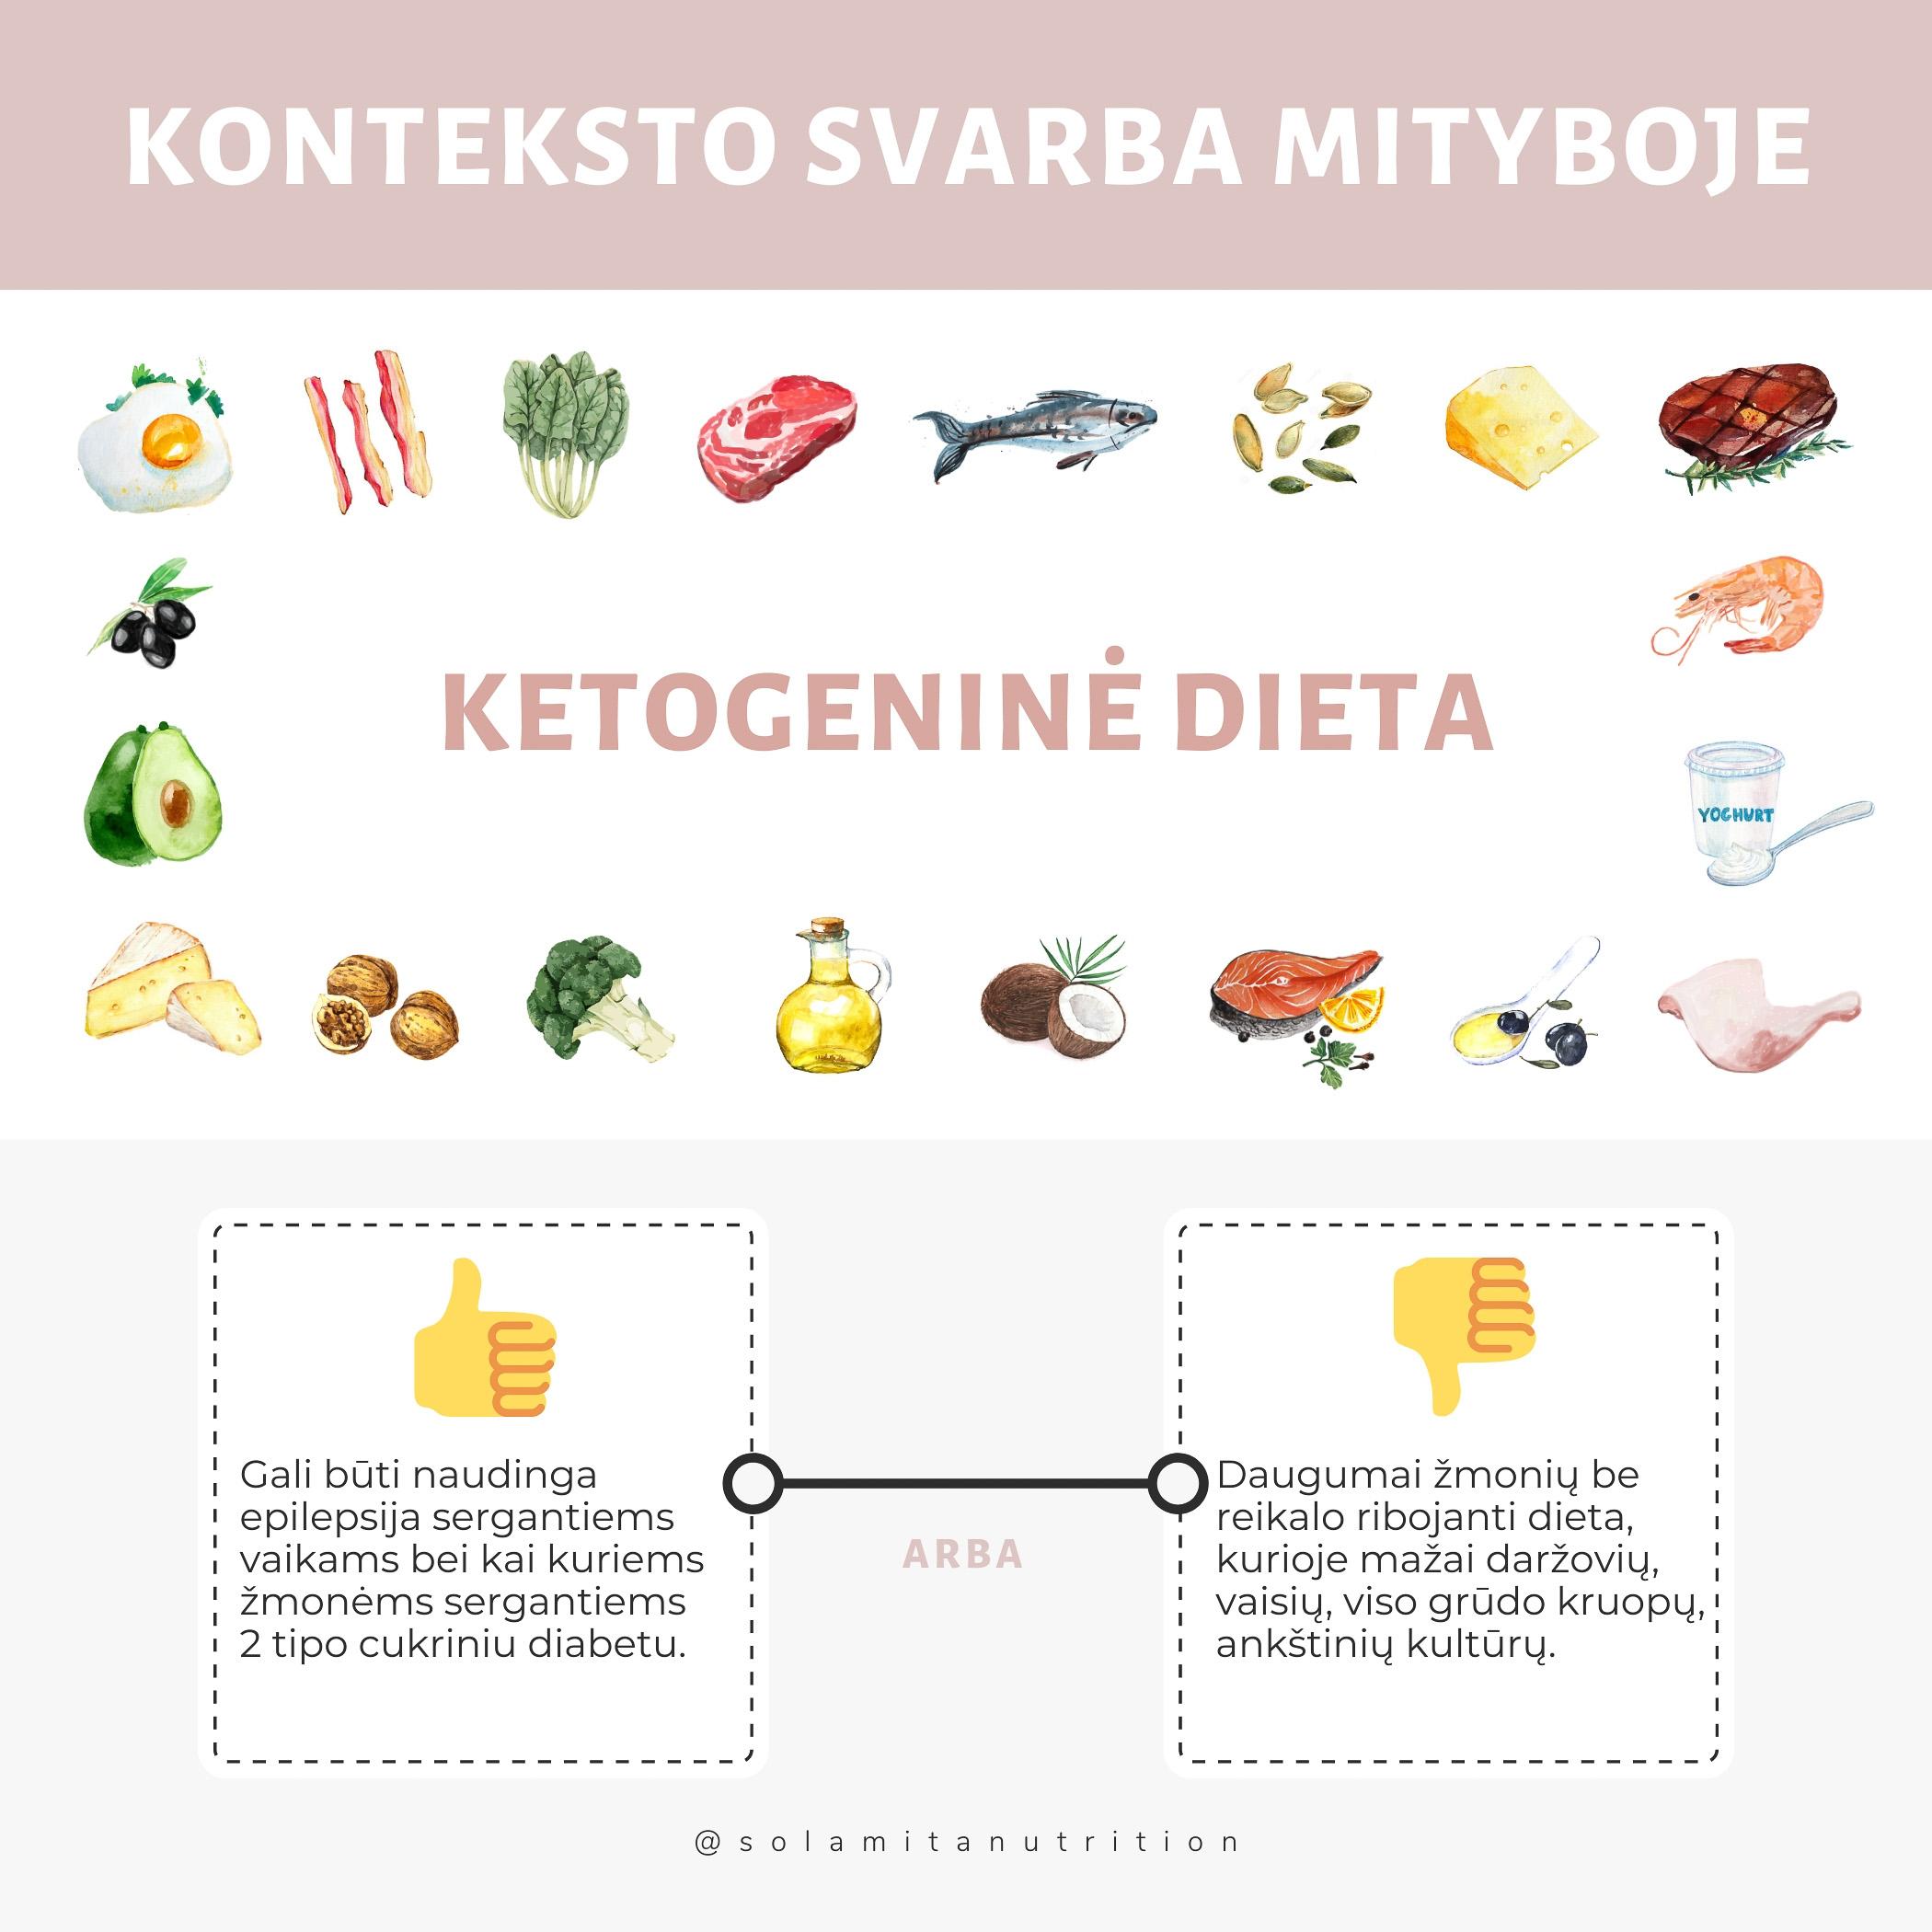 geriausia dieta širdies sveikatai ir diabetui gydyti